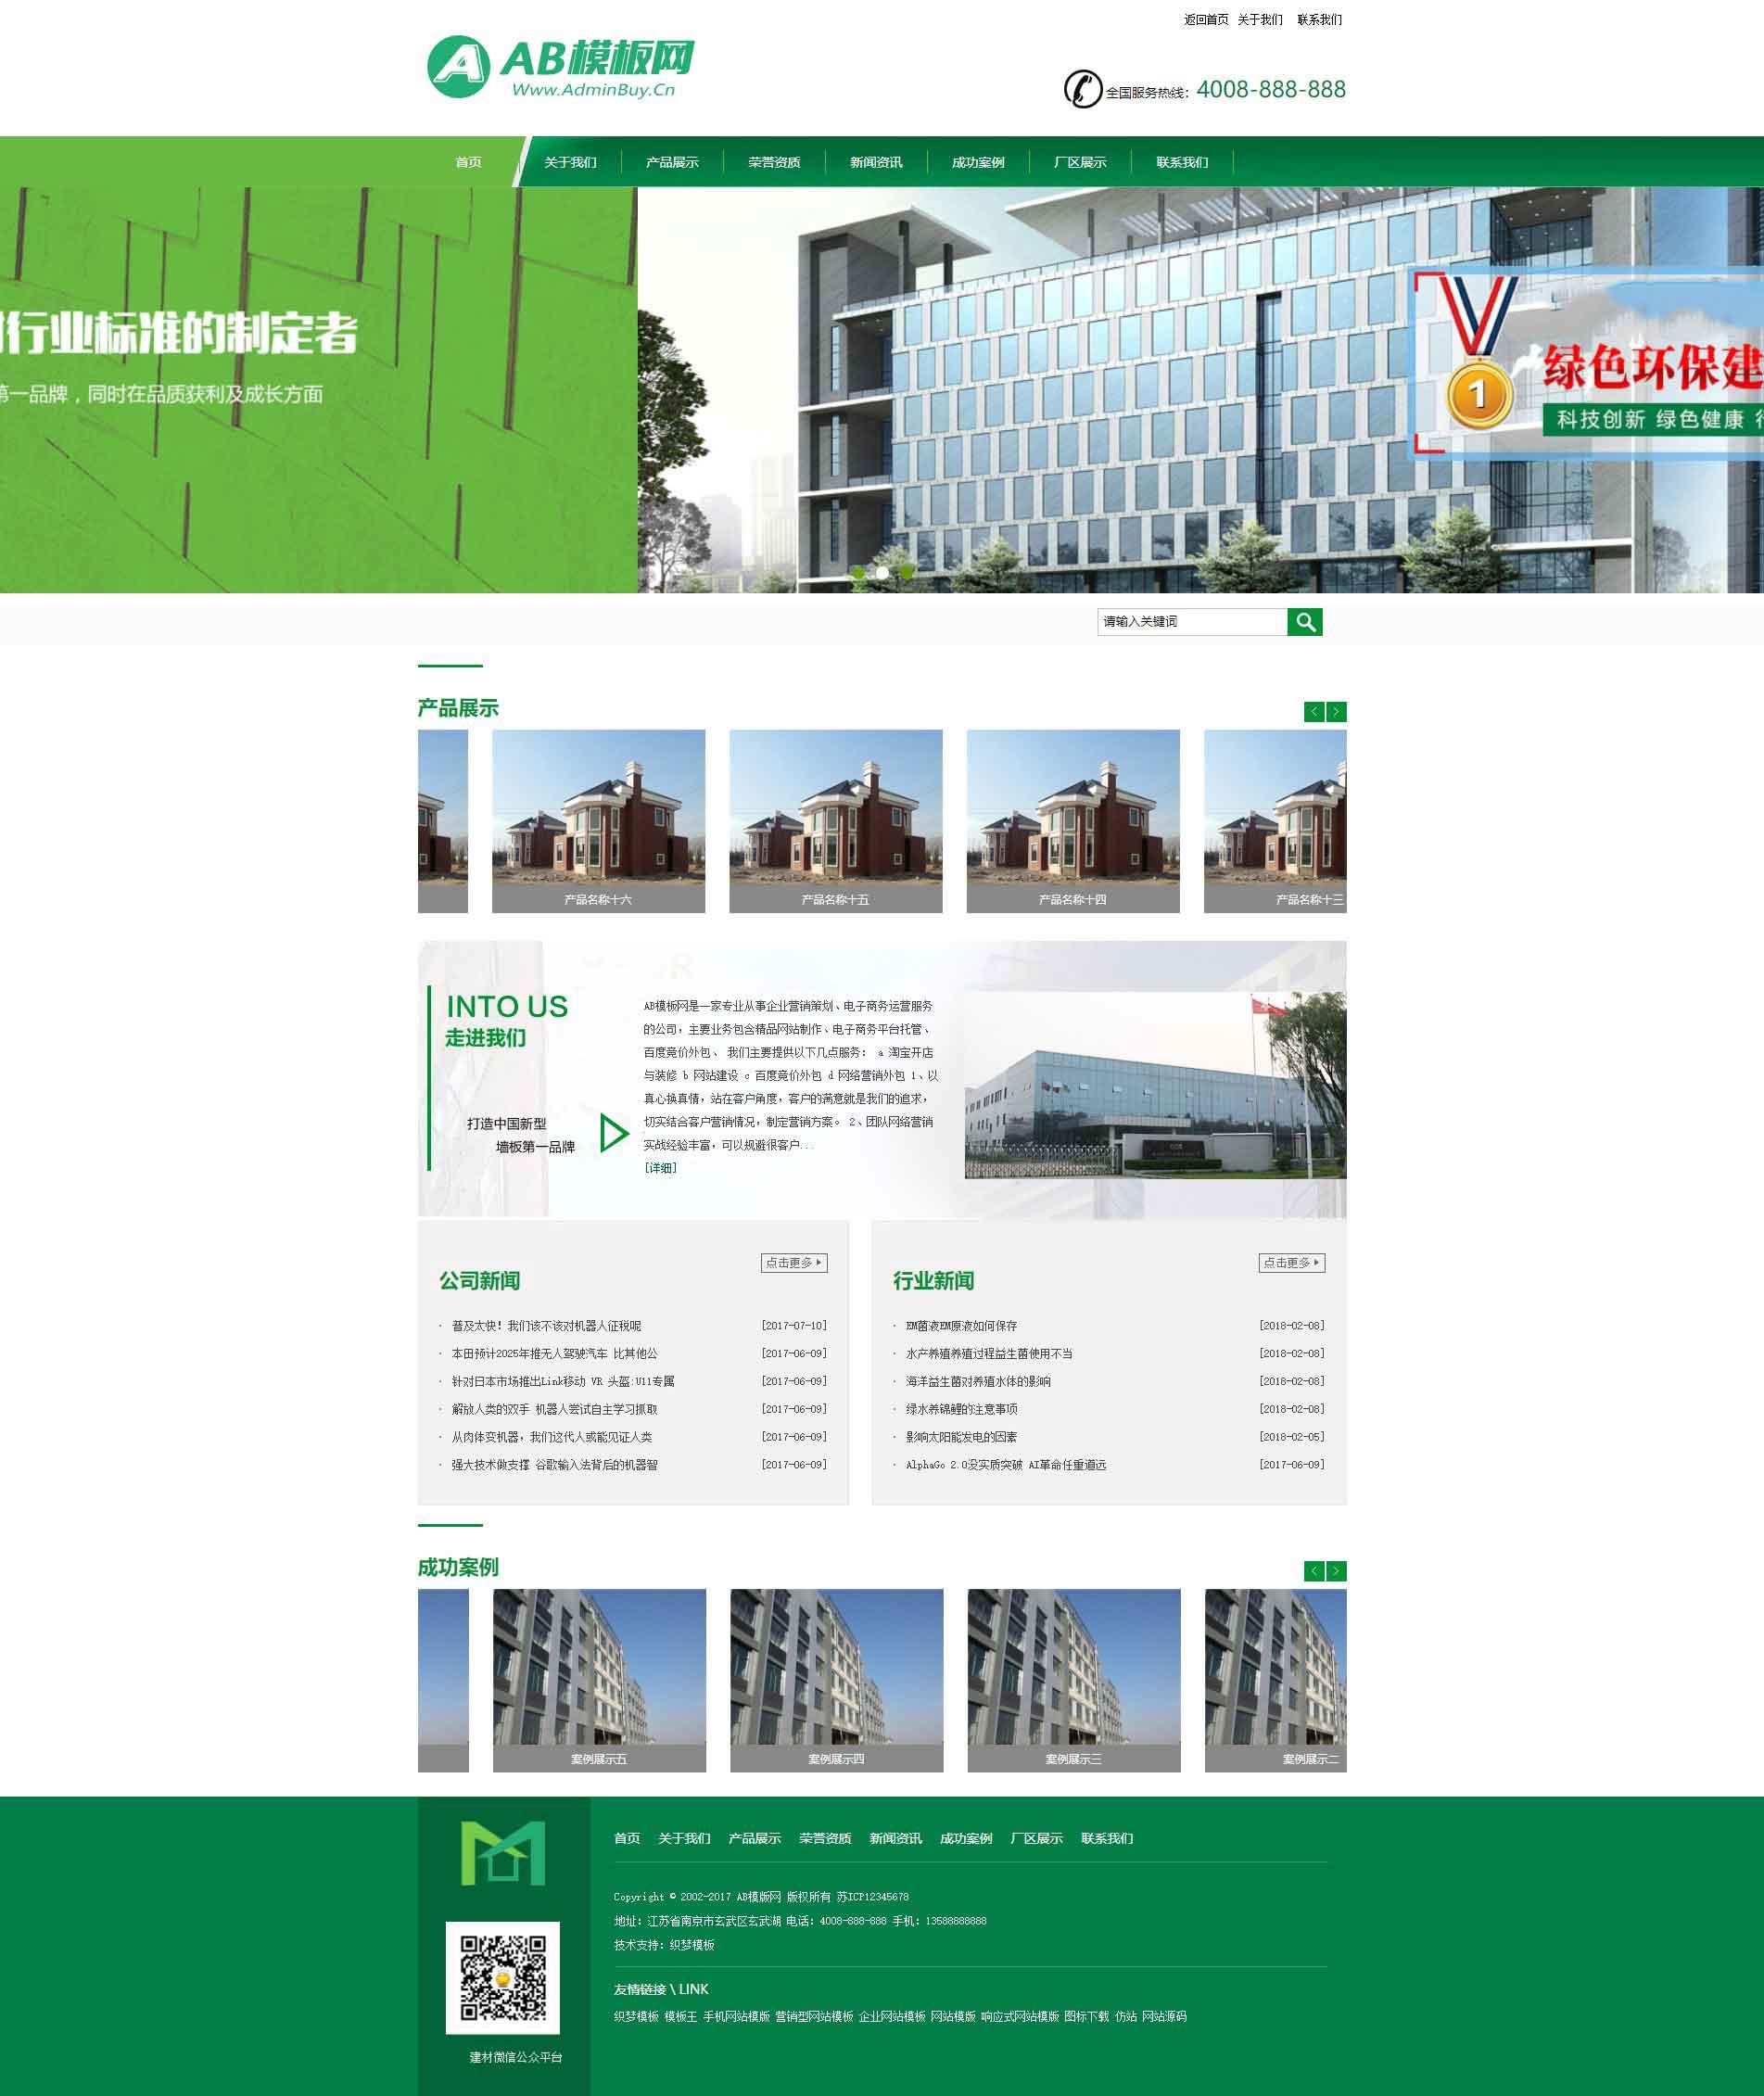 环保节能建材企业网站织梦dede模板源码[带手机版数据同步]插图